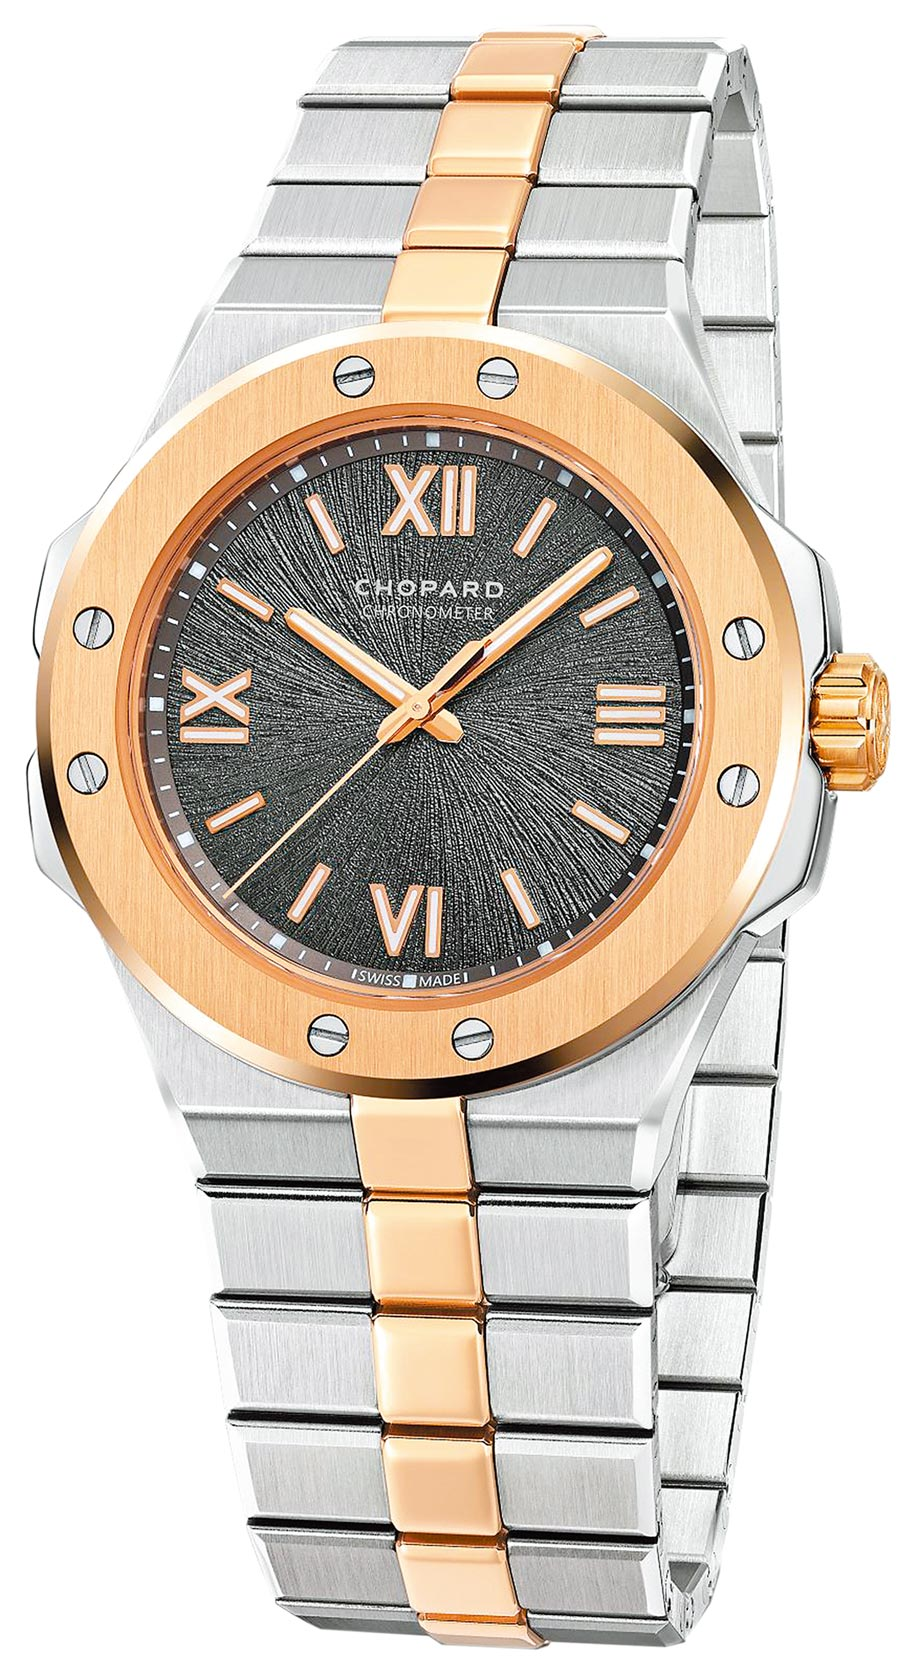 蕭邦Alpine Eagle系列精鋼與玫瑰金雙色腕表,36mm,53萬2000元。(CHOPARD提供)